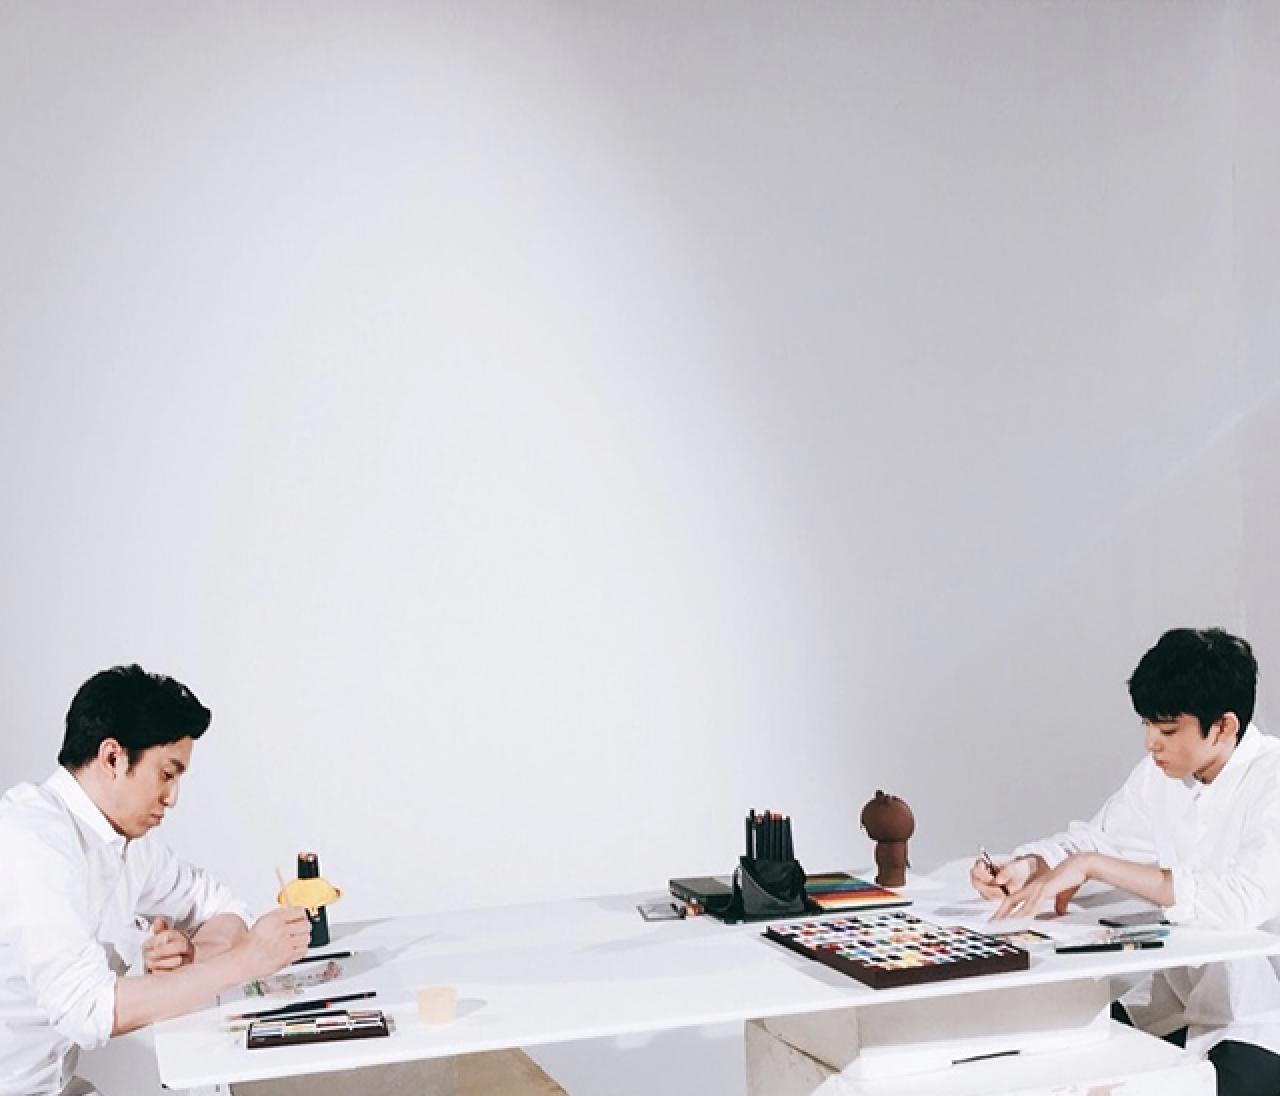 十代目・松本幸四郎さんと八代目・市川染五郎さんの「お絵描き腕くらべ」オフショット